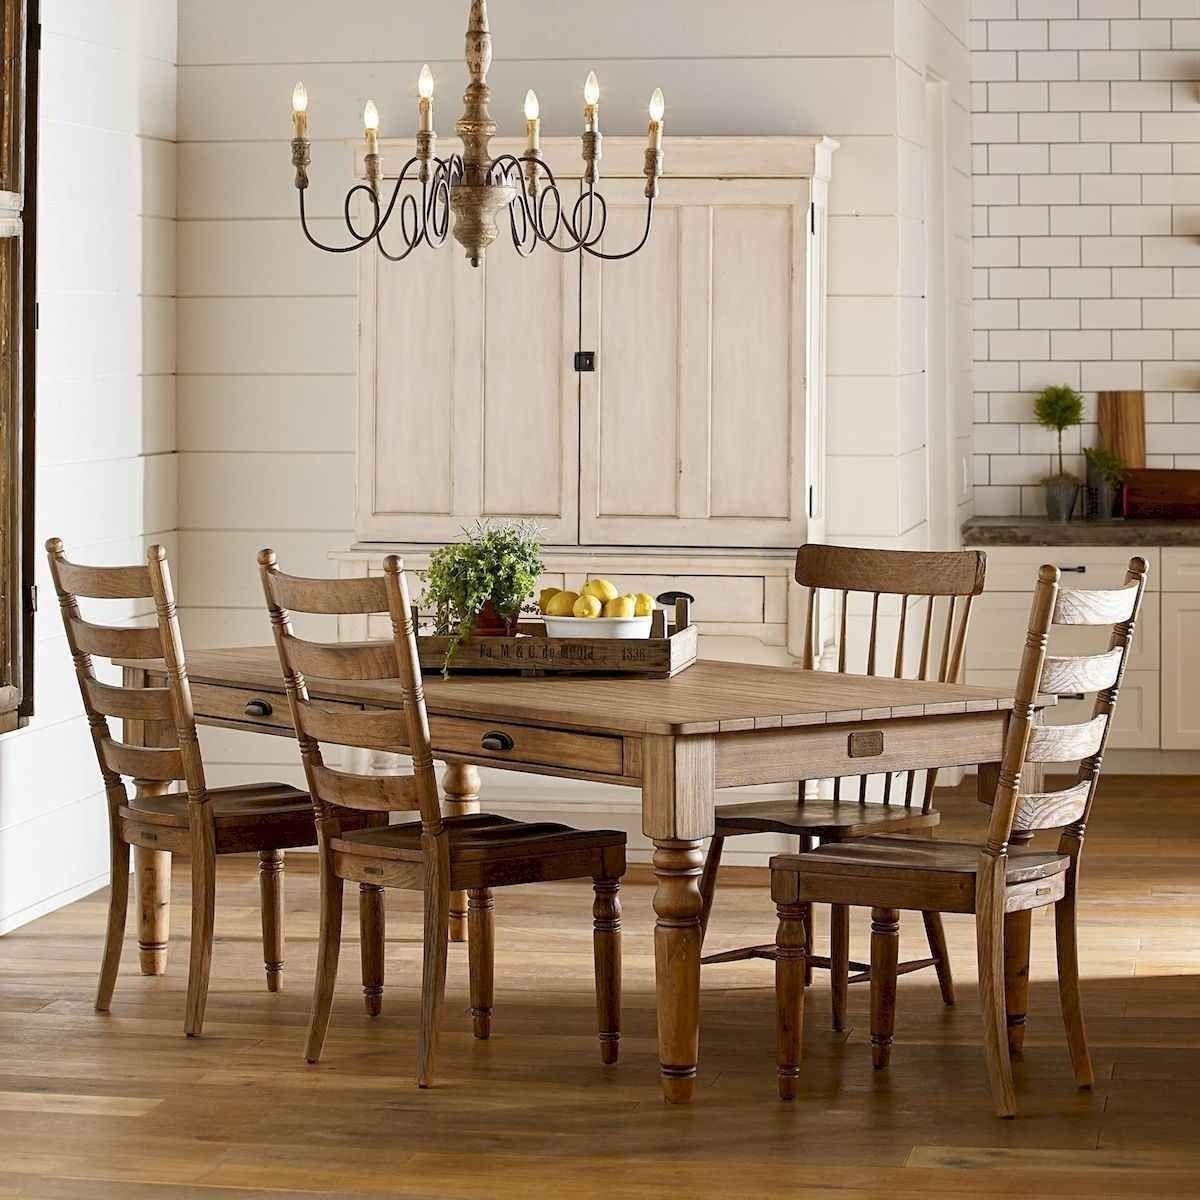 60 Modern Farmhouse Dining Room Table Ideas Decor And Makeover In 2020 Farmhouse Dining Room Farmhouse Dining Room Table Modern Farmhouse Dining